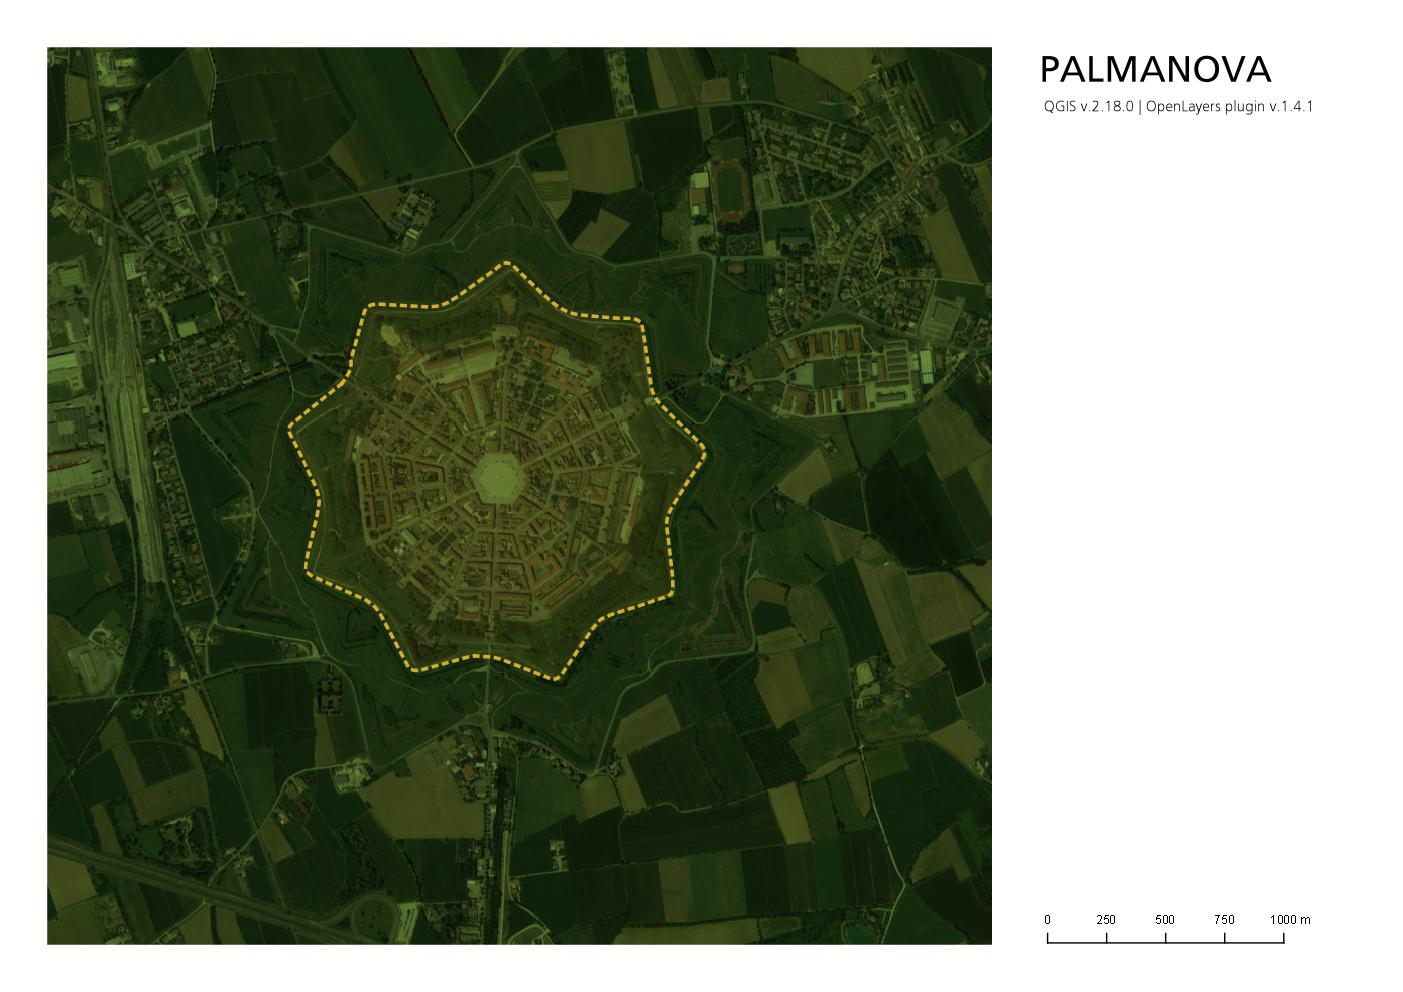 Planimetria di Palmanova in QGis corretta con i margini bianchi